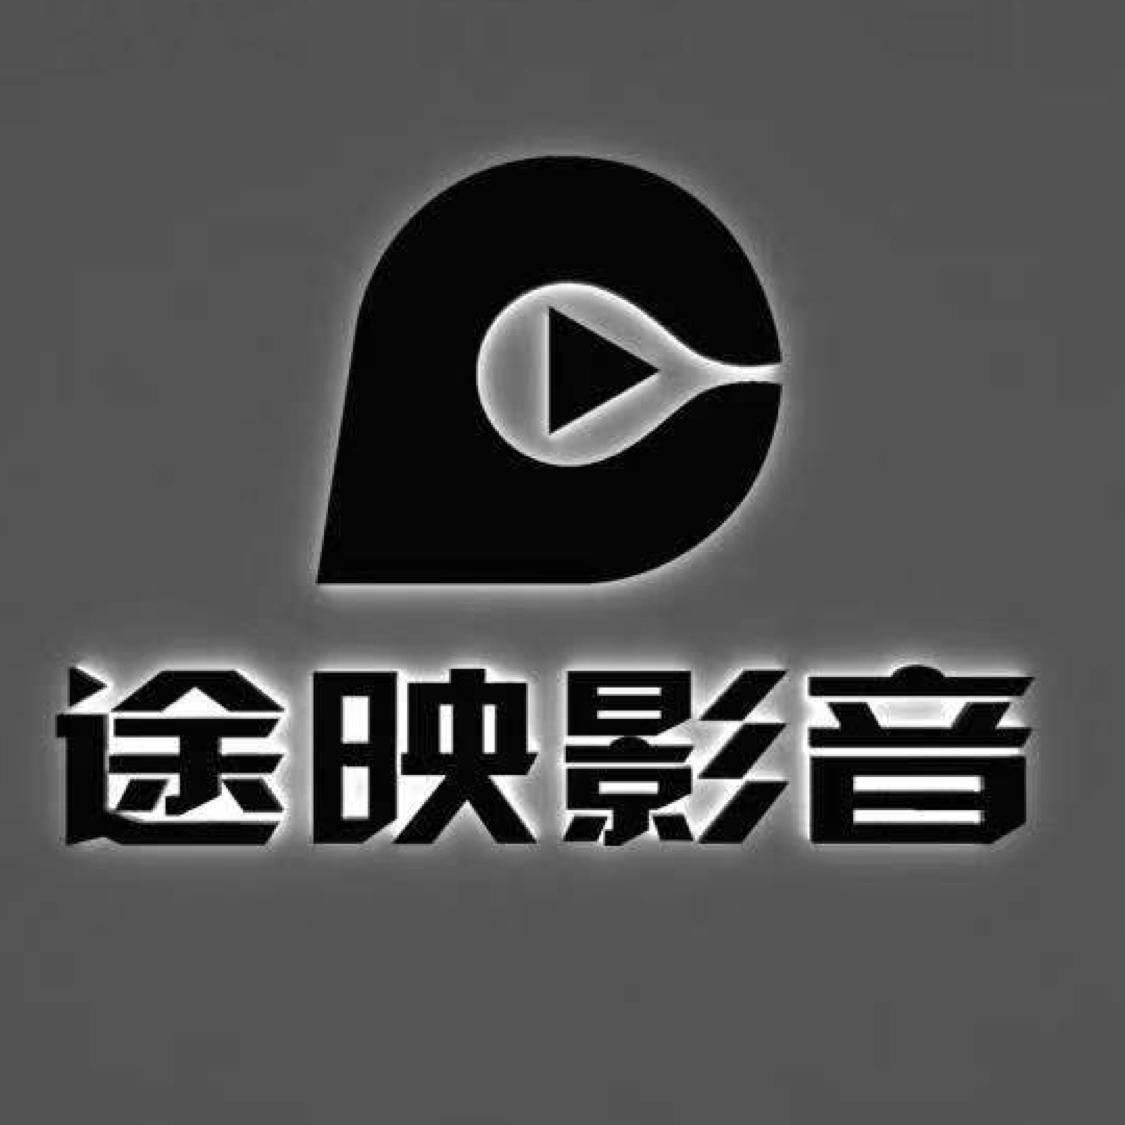 西安电影院招聘_途映影视科技(上海)有限公司招聘信息|招聘岗位|最新职位信息 ...